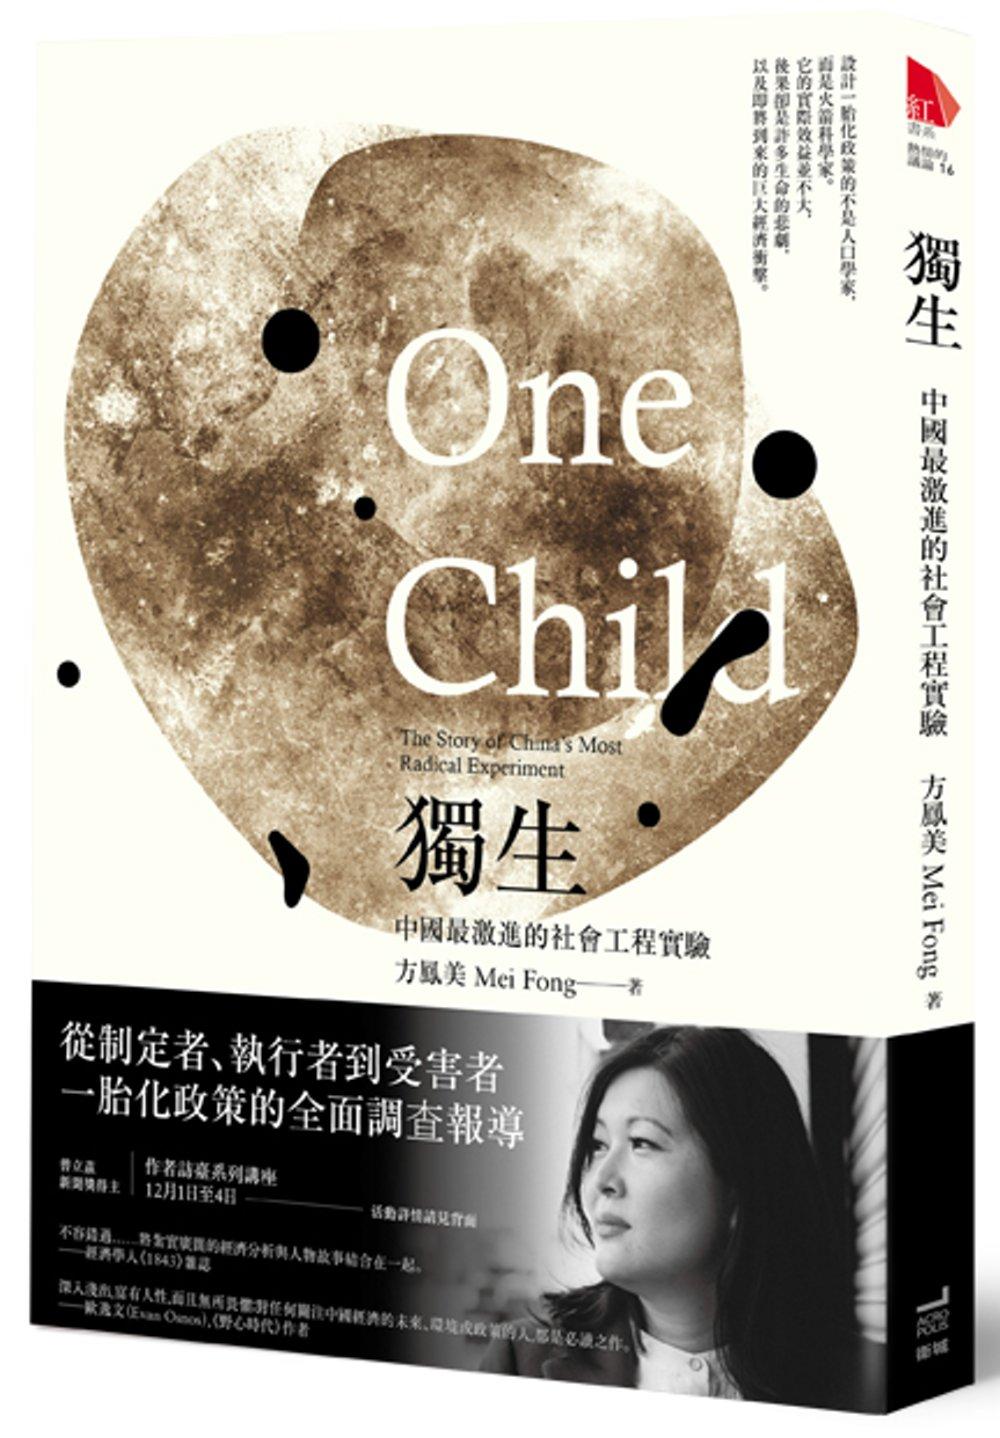 獨生:中國最激進的社會工程實驗